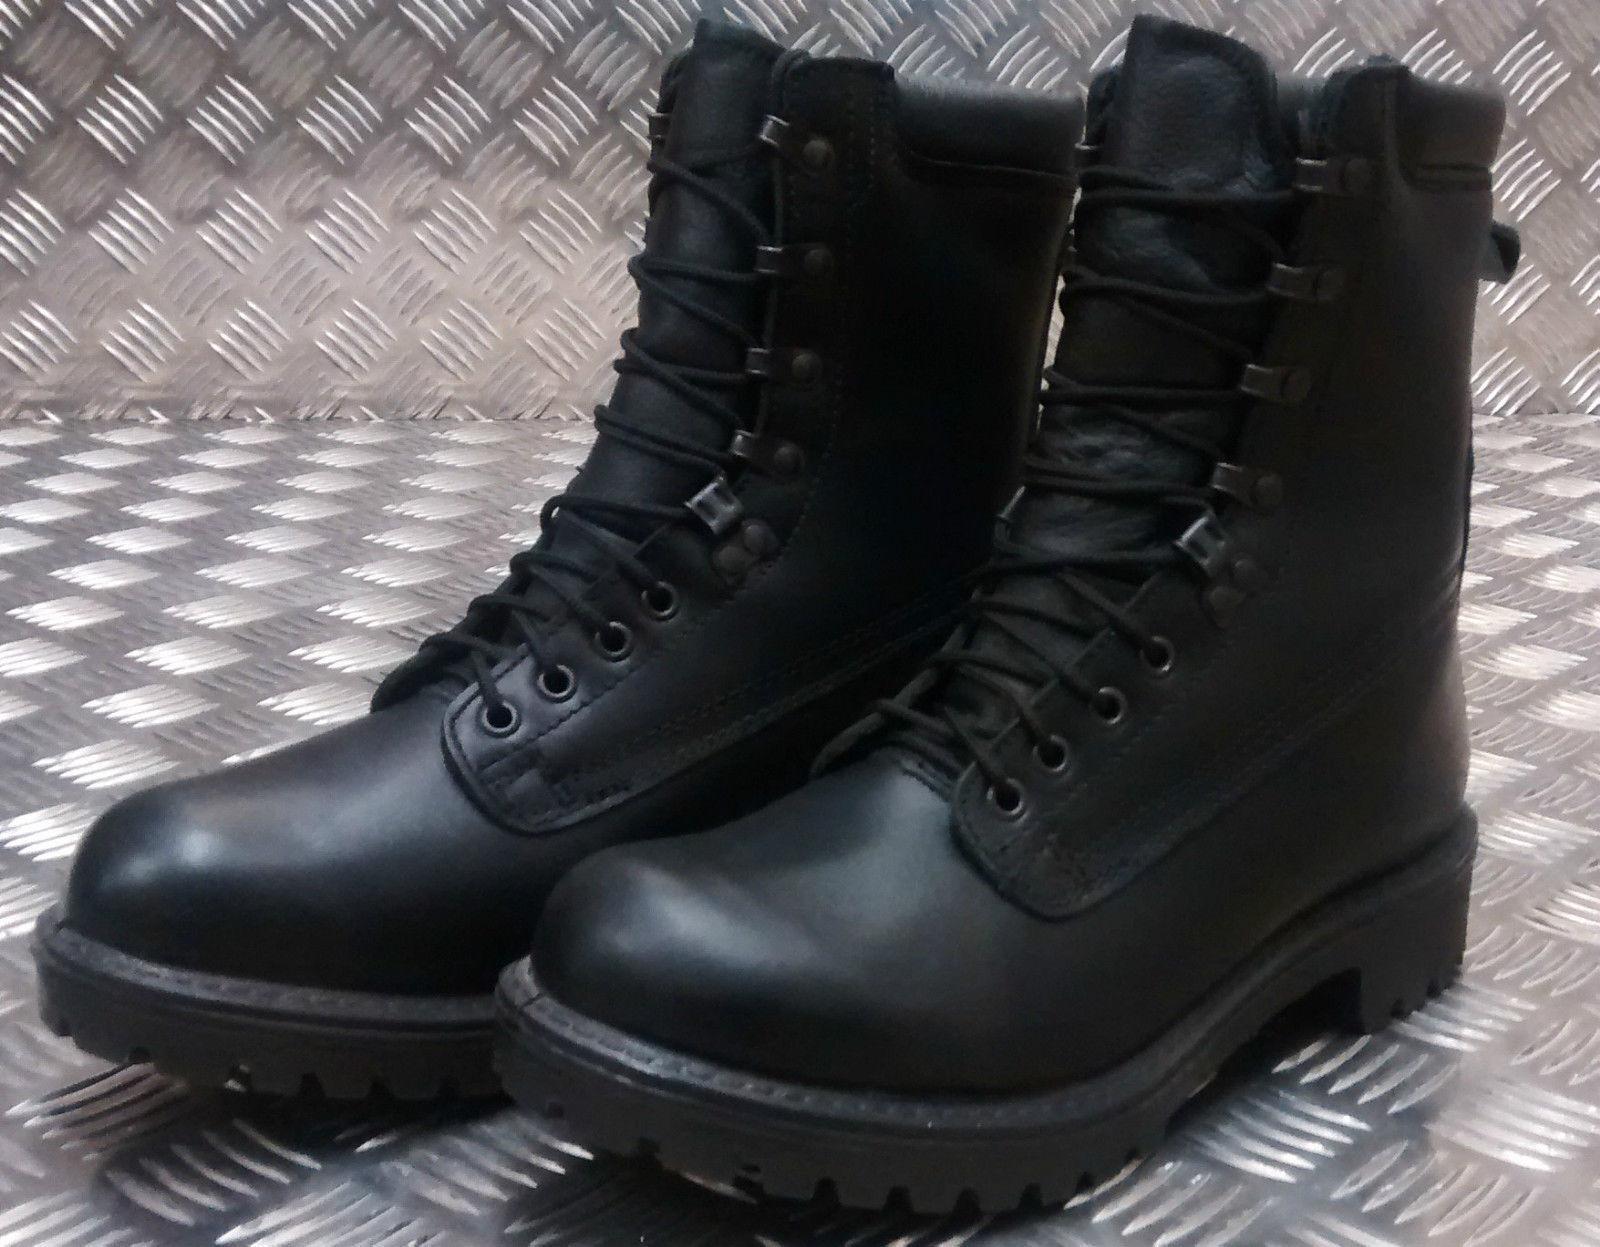 Los últimos zapatos de descuento para hombres y mujeres Original British Army S10 Goretex Asalto Cuero Negro Combat/Botas- USADOS